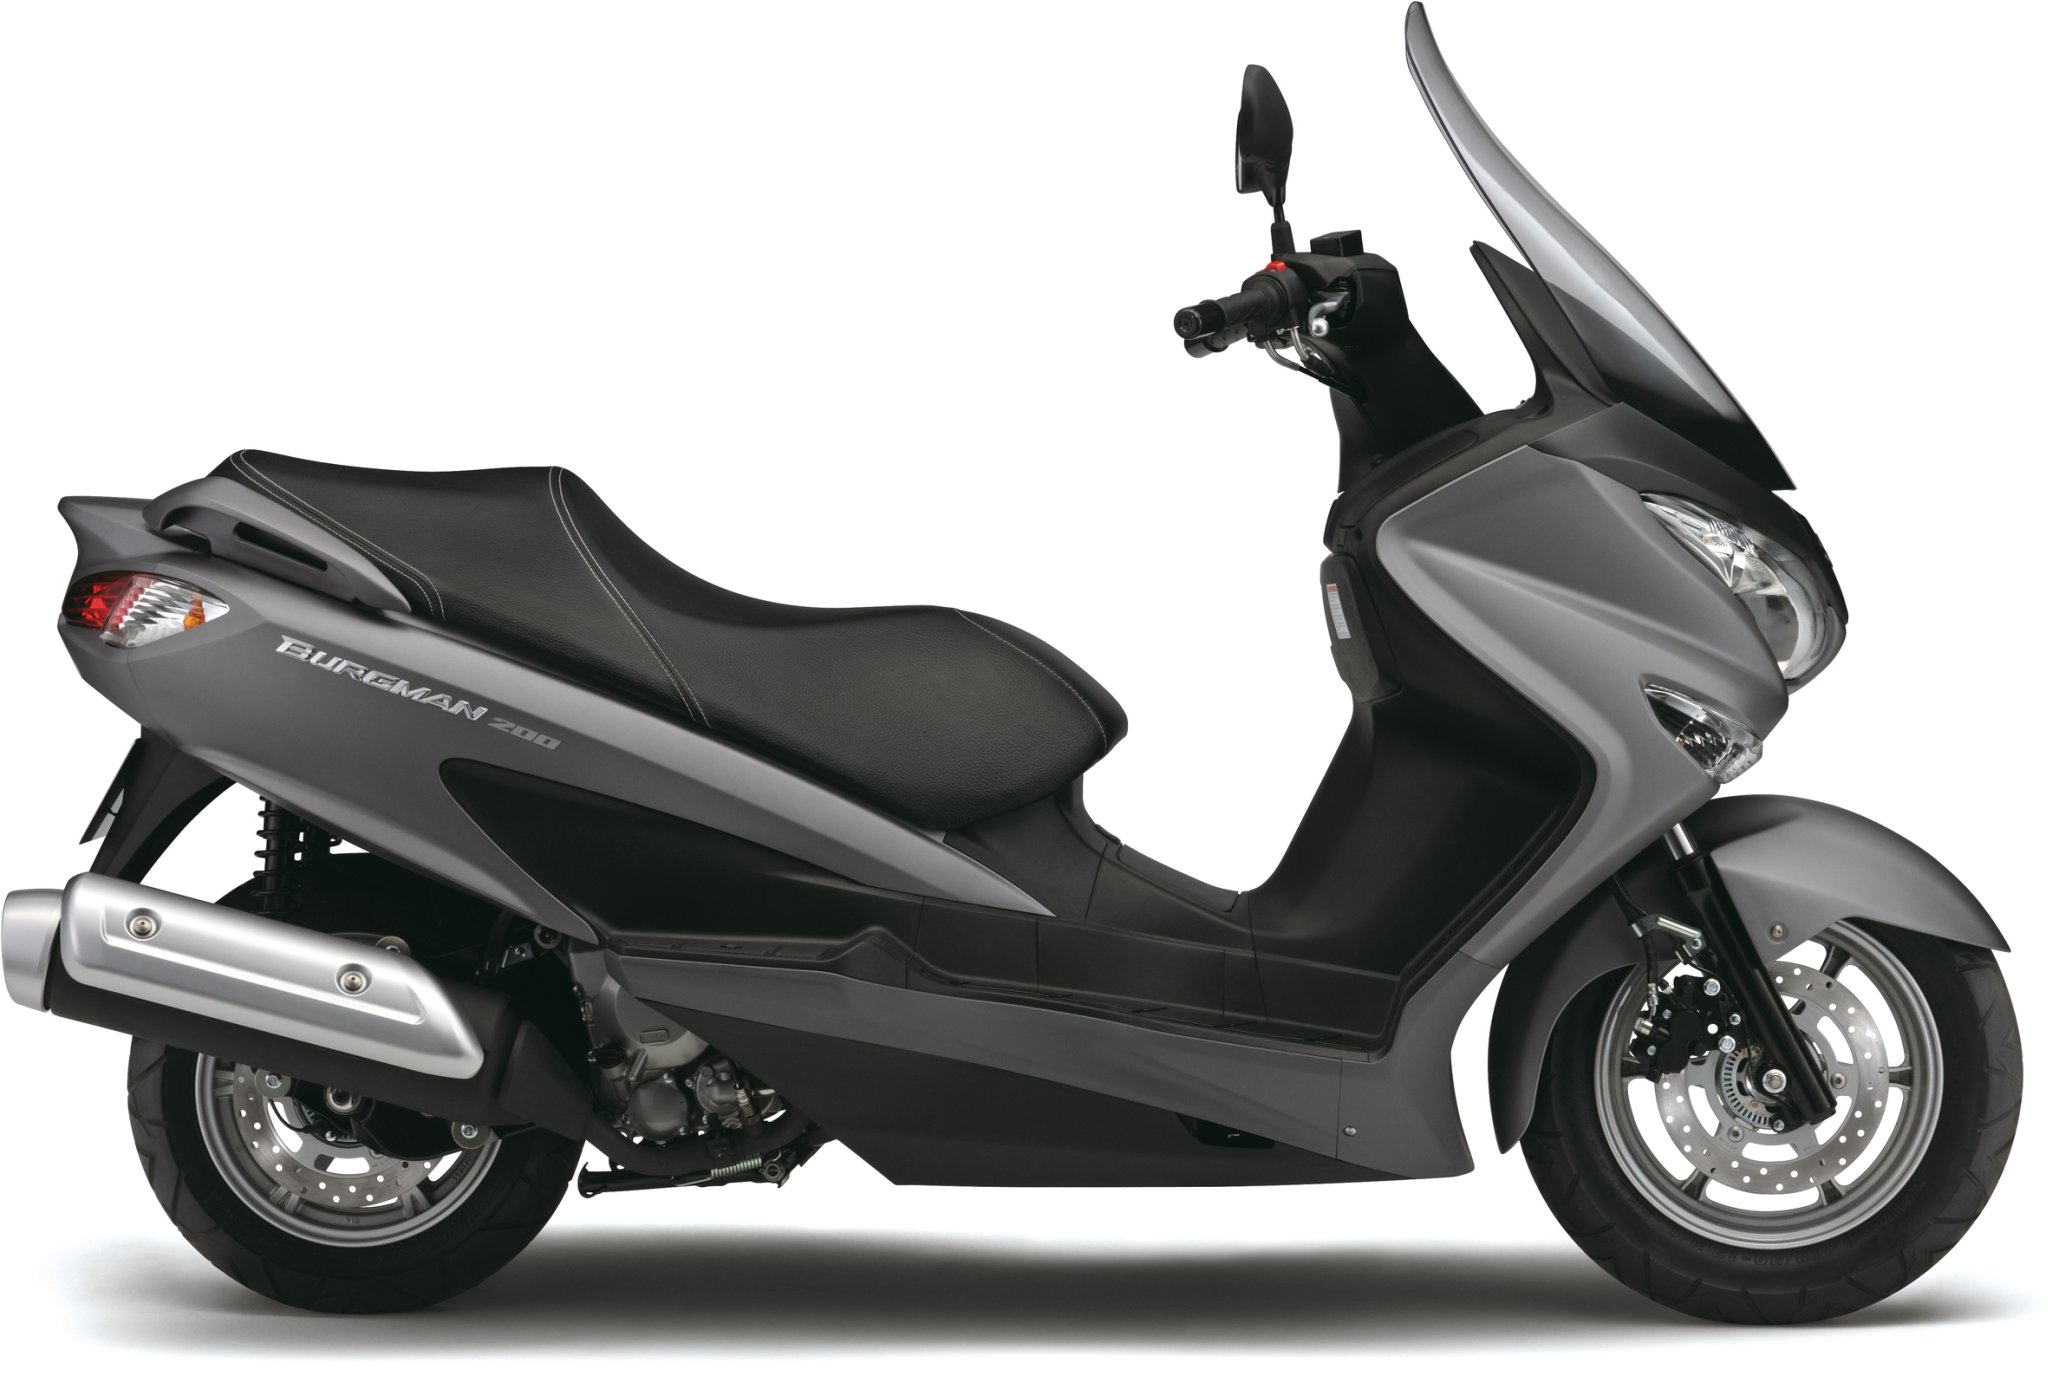 Gebrauchte und neue Suzuki Burgman 200 Motorräder kaufen  Datenblatt Von Abs Terluran H 110